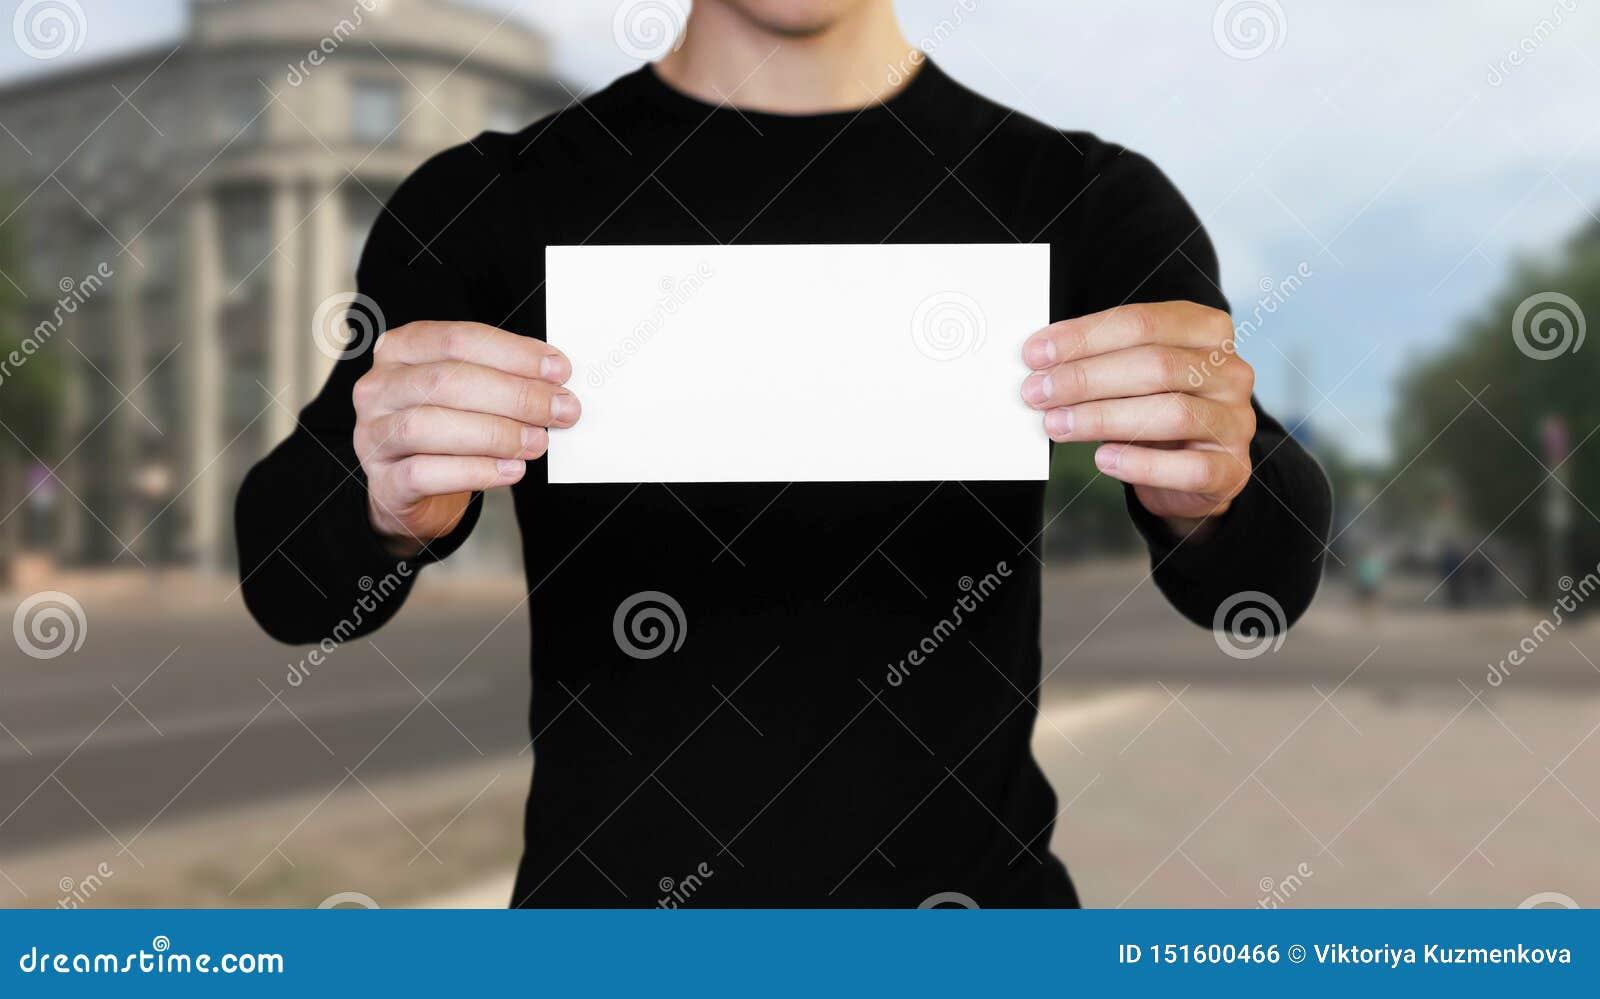 拿着一张白色纸片的一个人 拿着小册子 ?? 城市的背景